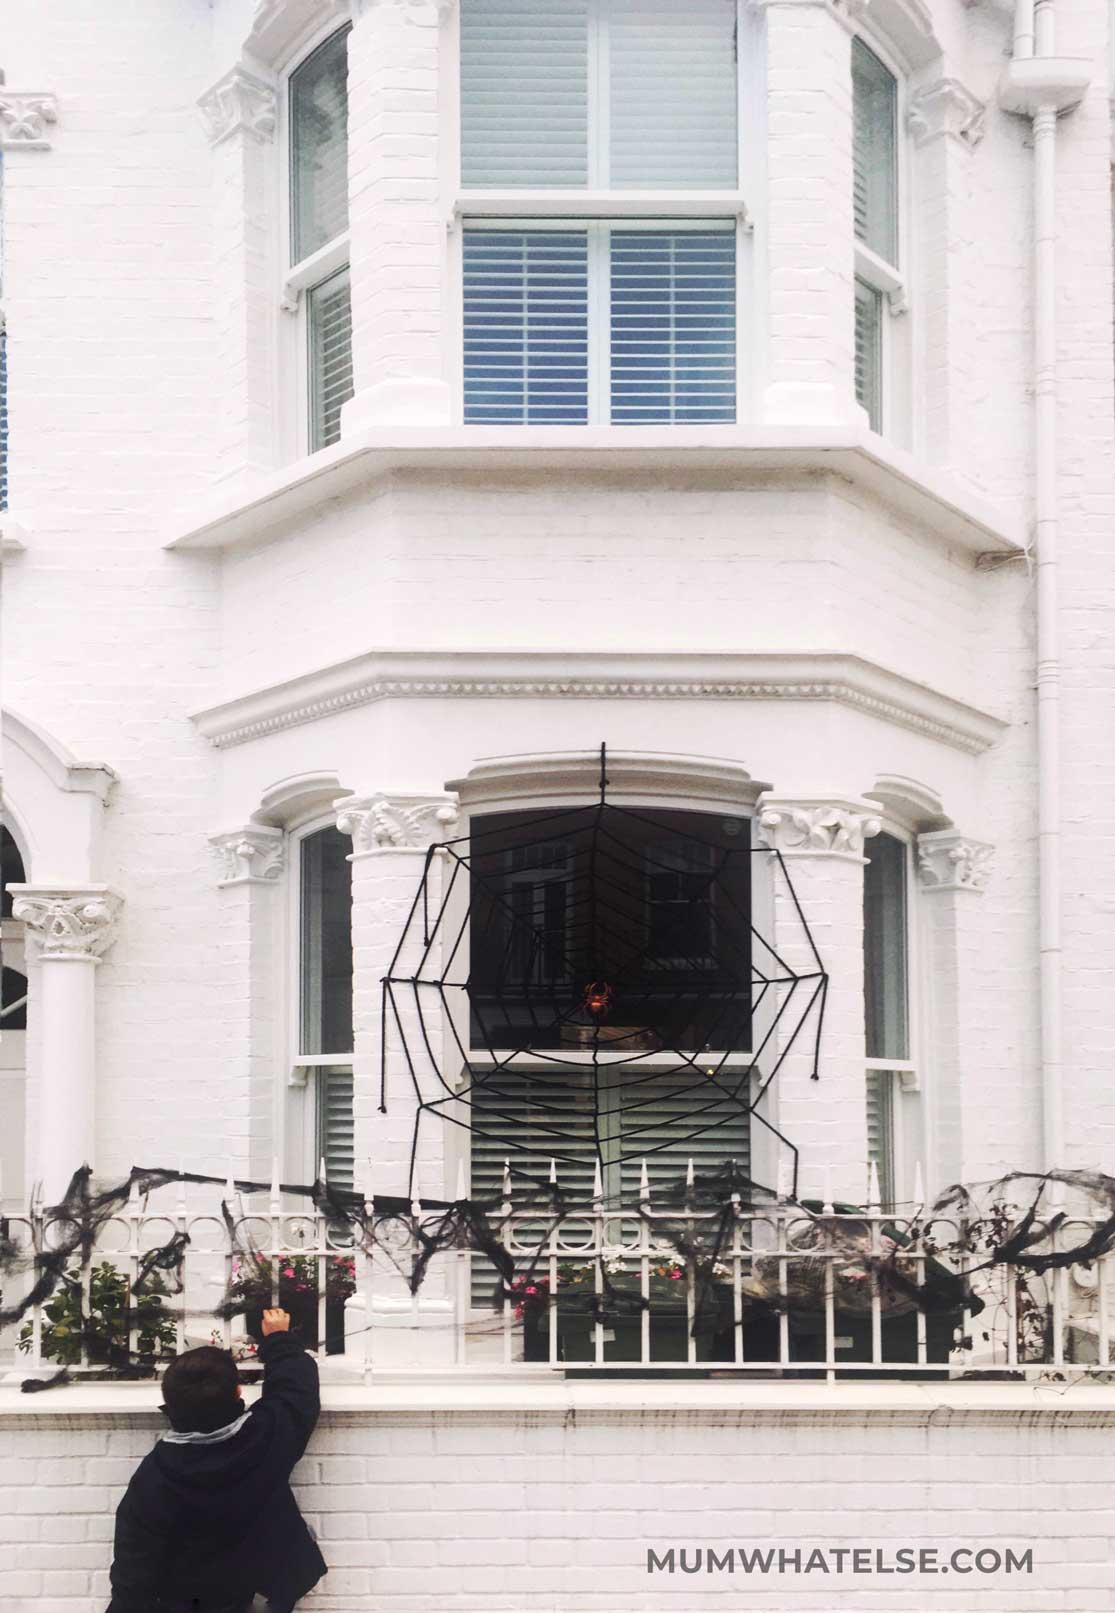 una casa bianca con un grande ragno appeso